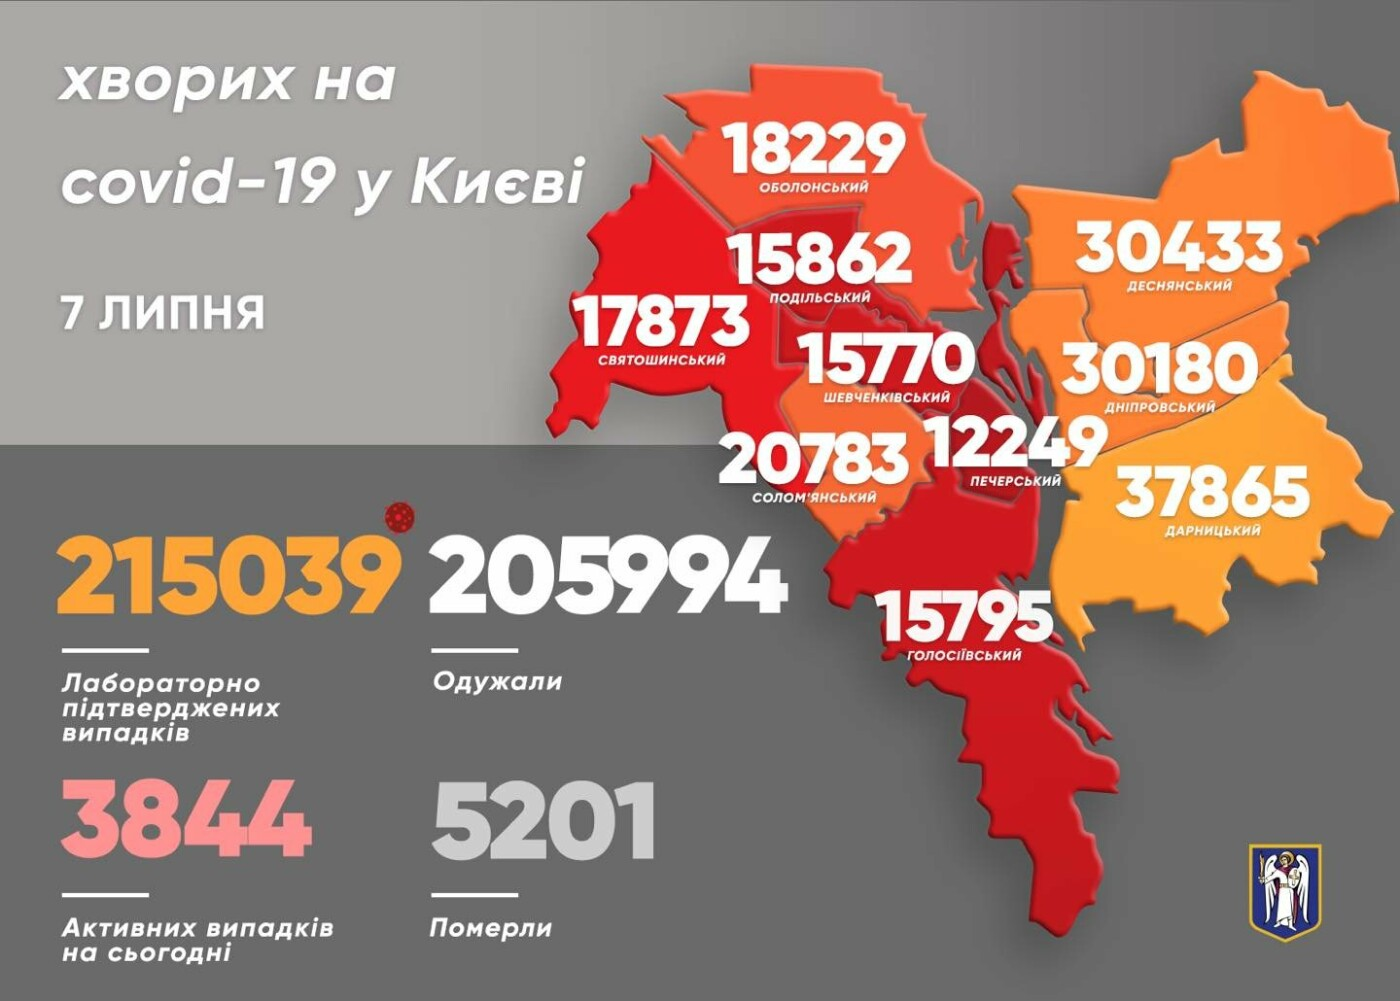 Статистика на 7 июля, Картинка: Виталий Кличко